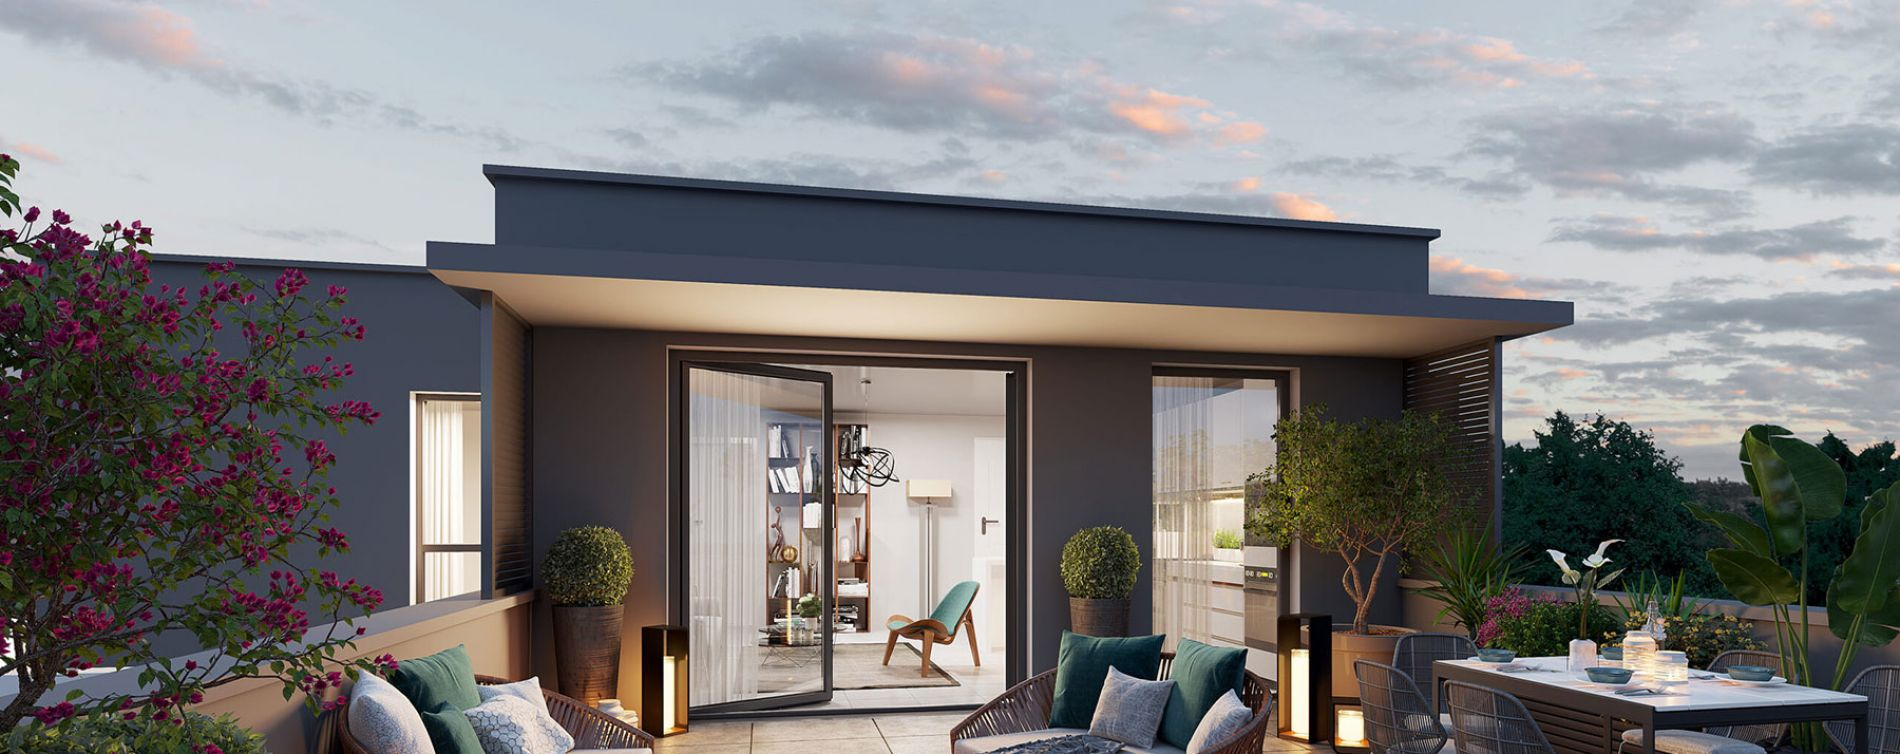 Castelnau-le-Lez : programme immobilier neuve « Programme immobilier n°217505 » en Loi Pinel (3)